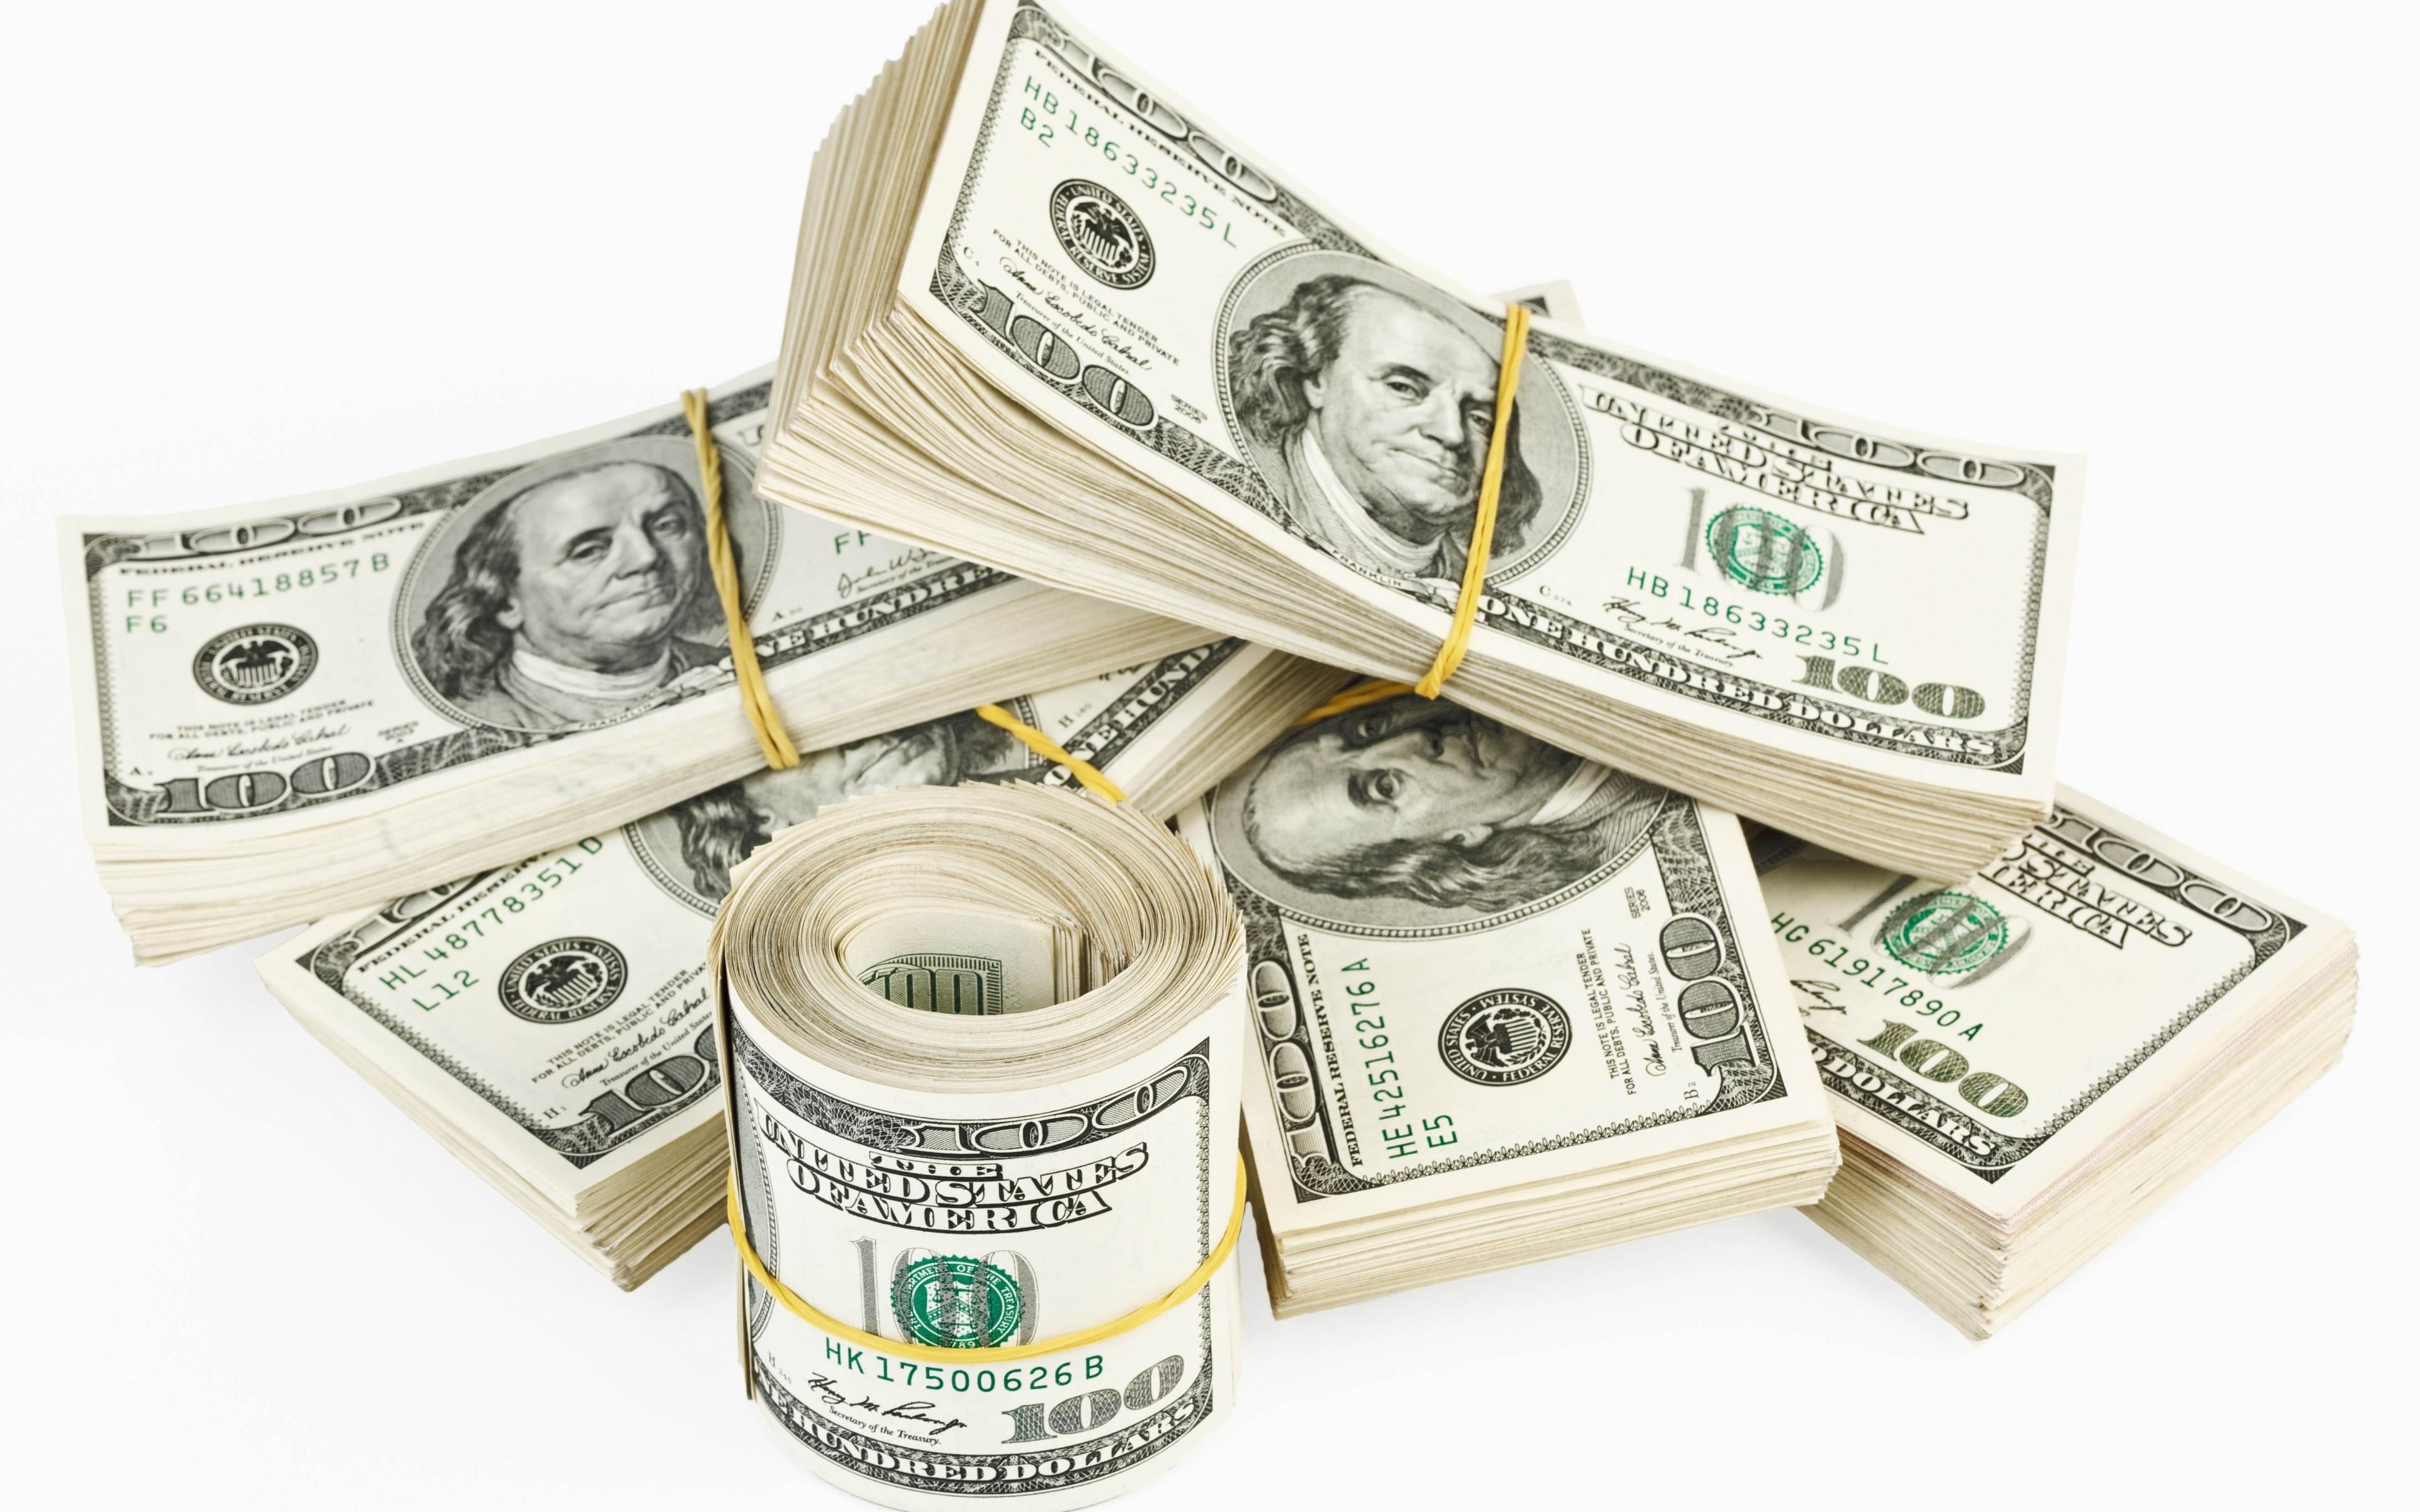 বৈদেশিক মুদ্রার রিজার্ভ ছাড়াল ২৮ বিলিয়ন ডলার